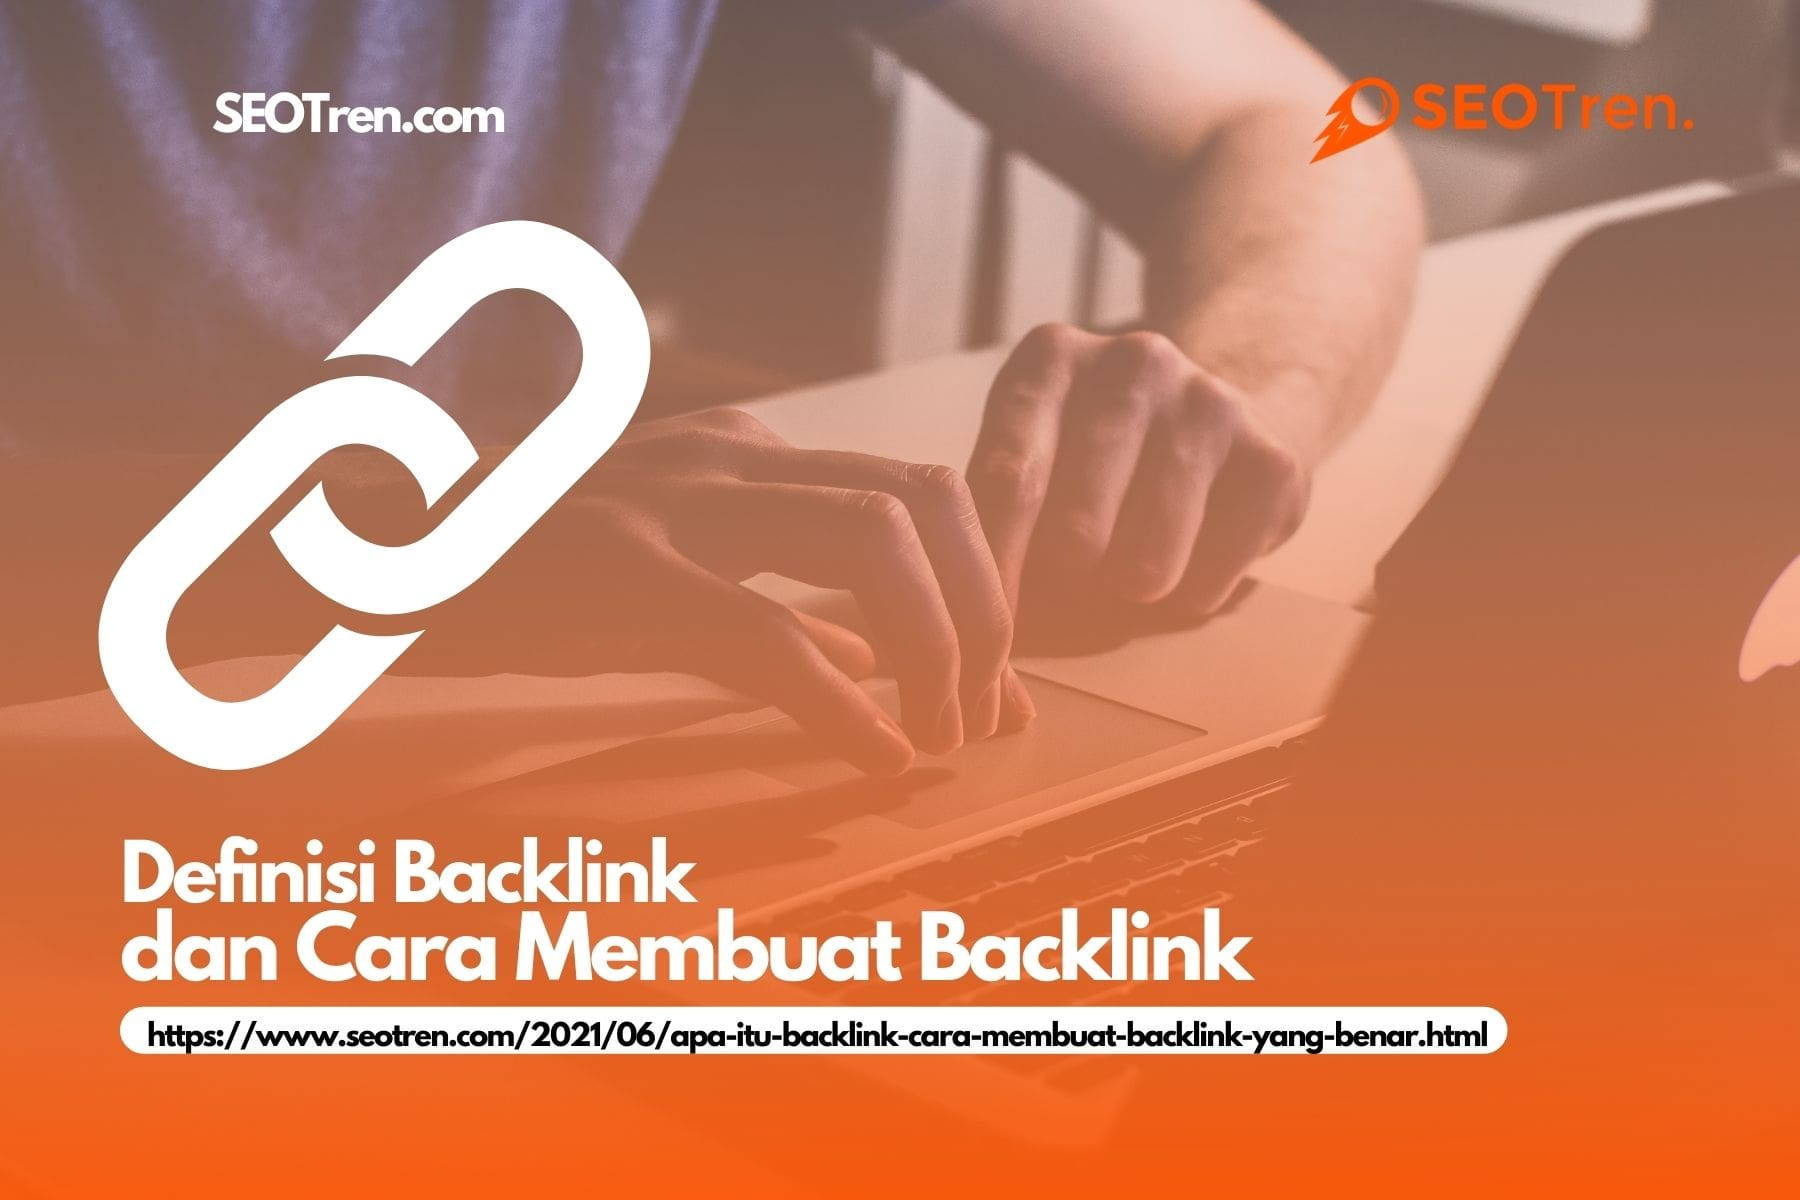 Apa Itu Backlin, Cara Membuat Backlink yang Benar